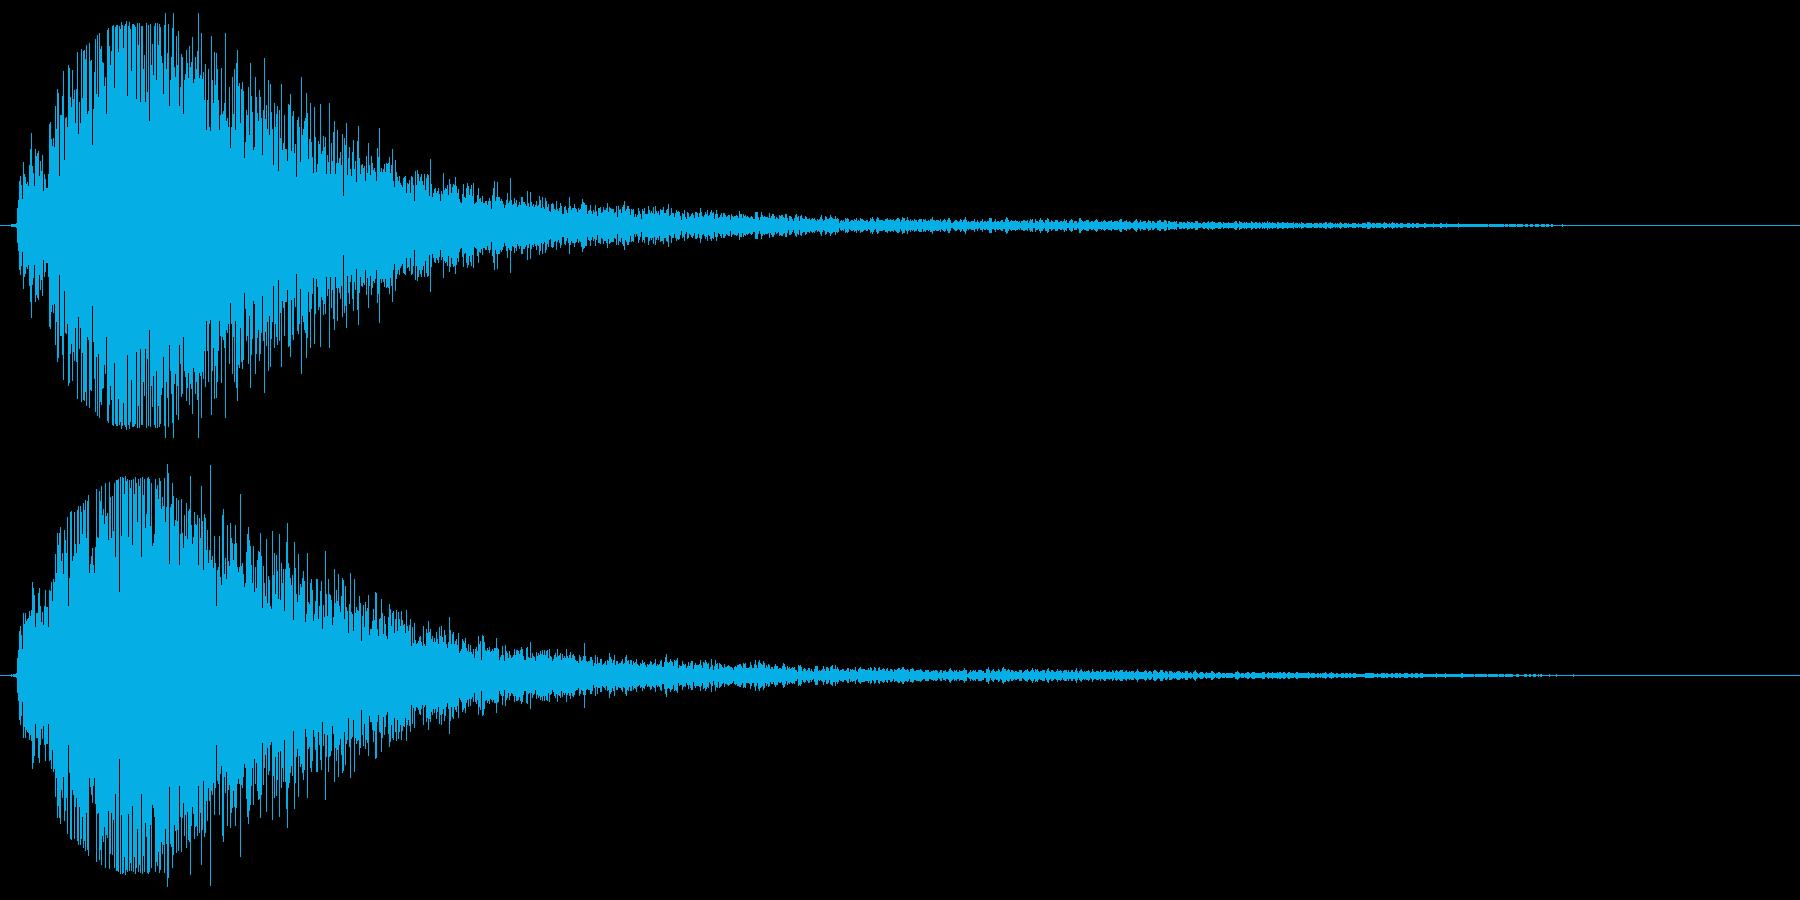 大きな鍋を叩いたような音の再生済みの波形